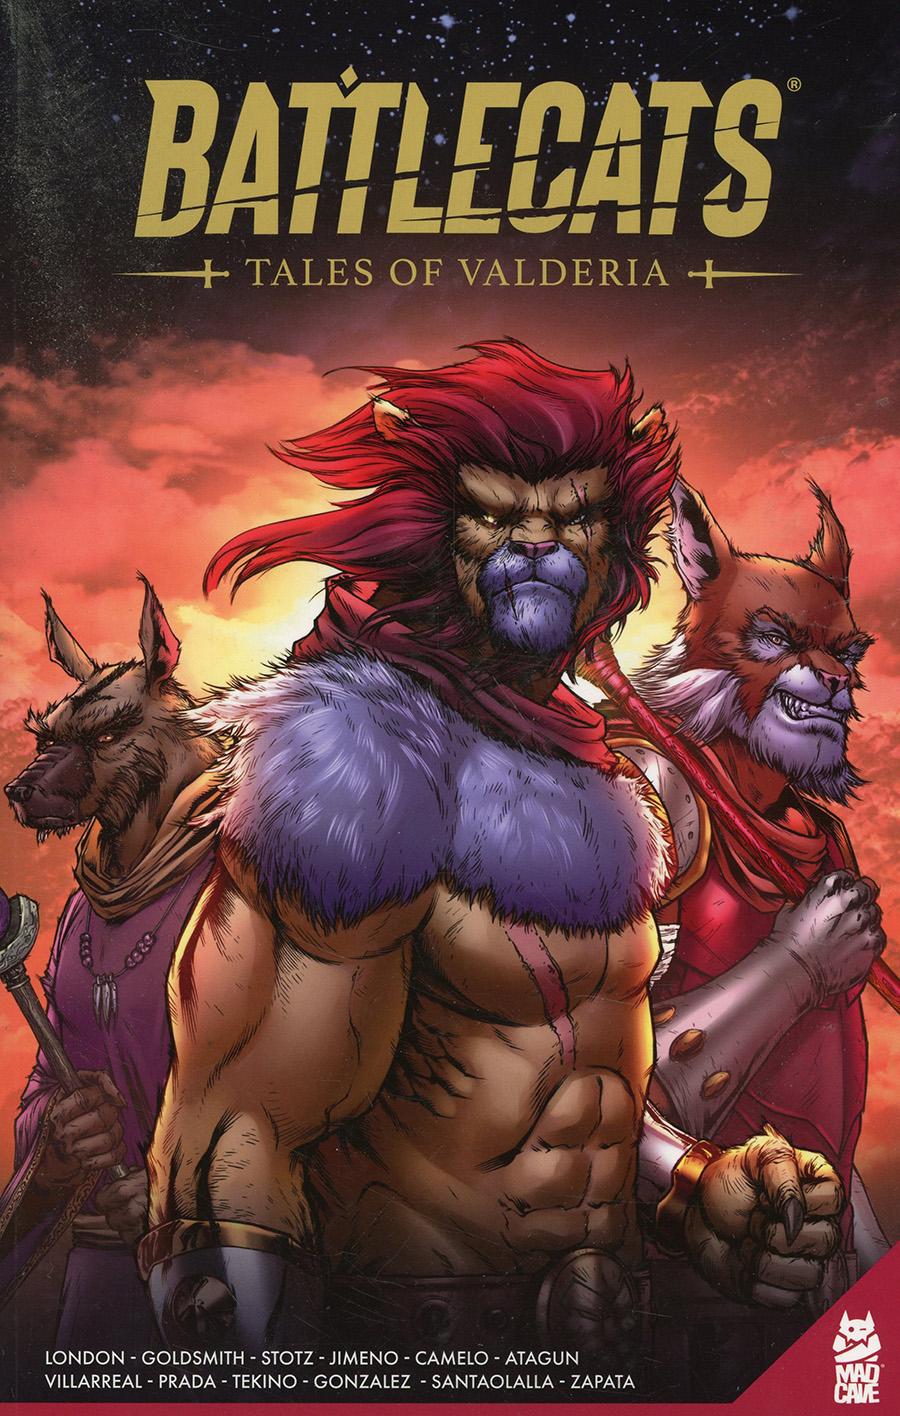 Battlecats Tales Of Valderia Vol 1 TP